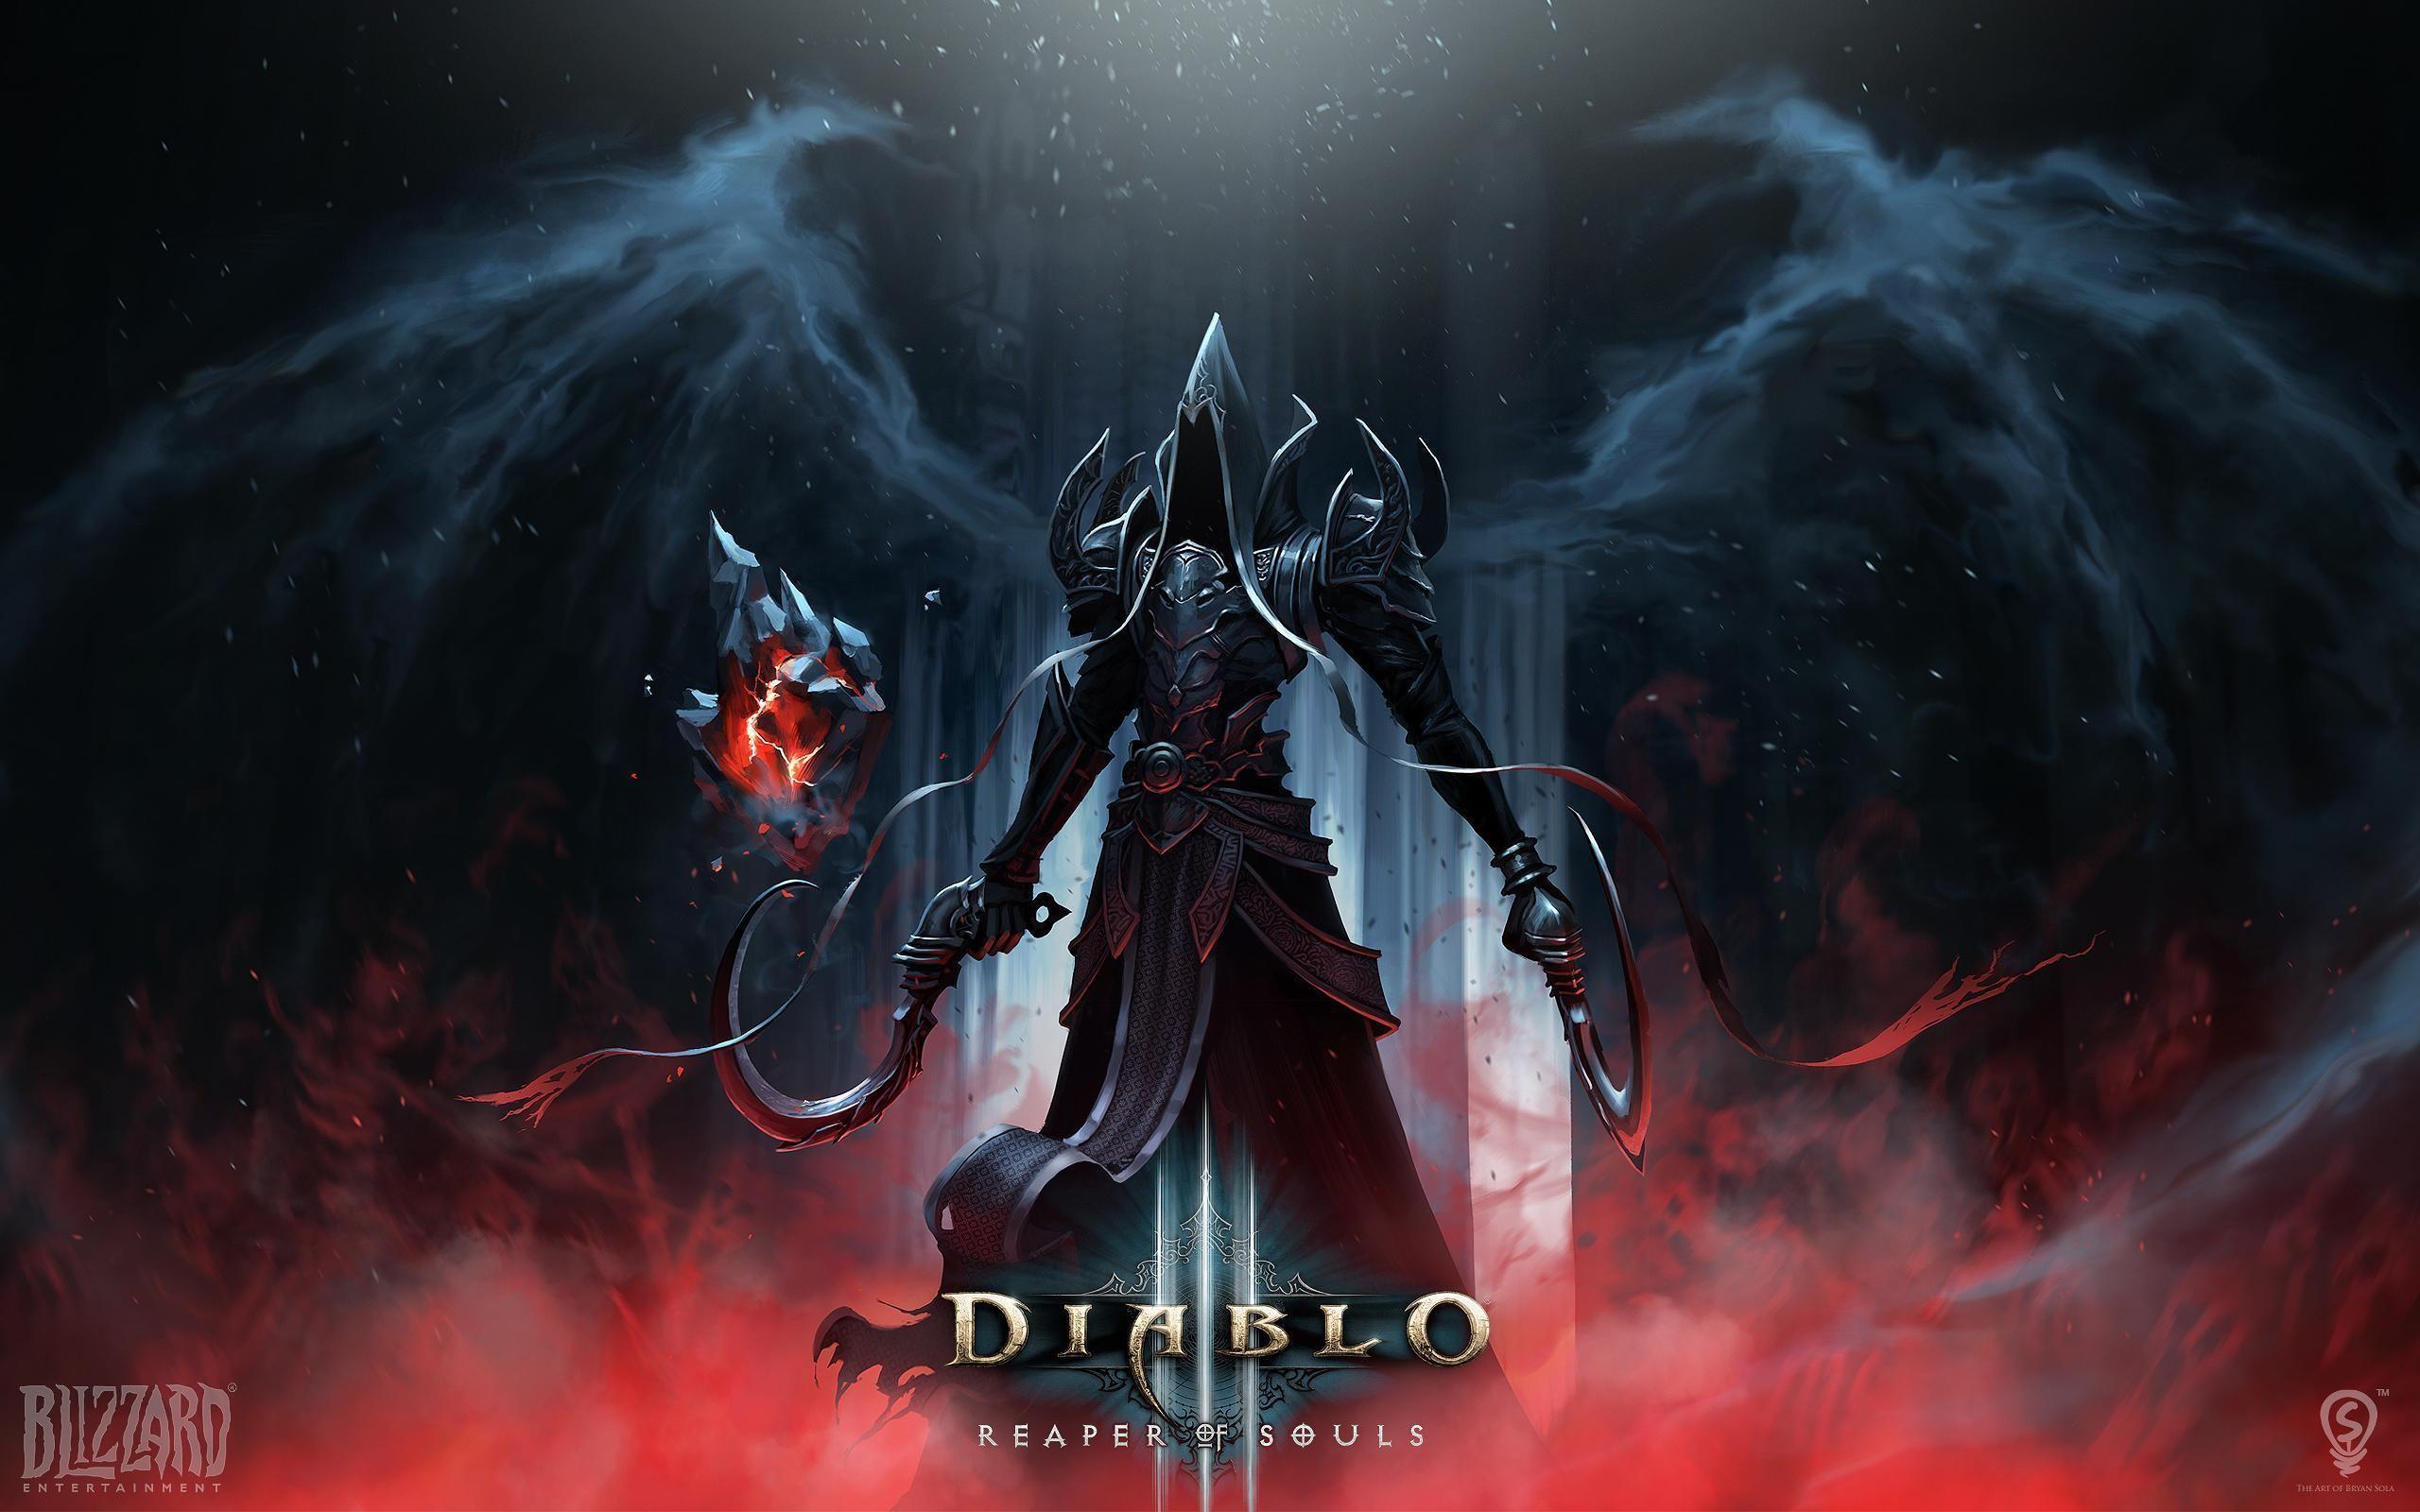 Diablo Reaper Souls #Awesome #cool #Diablo #Games #gaming #Reaper #